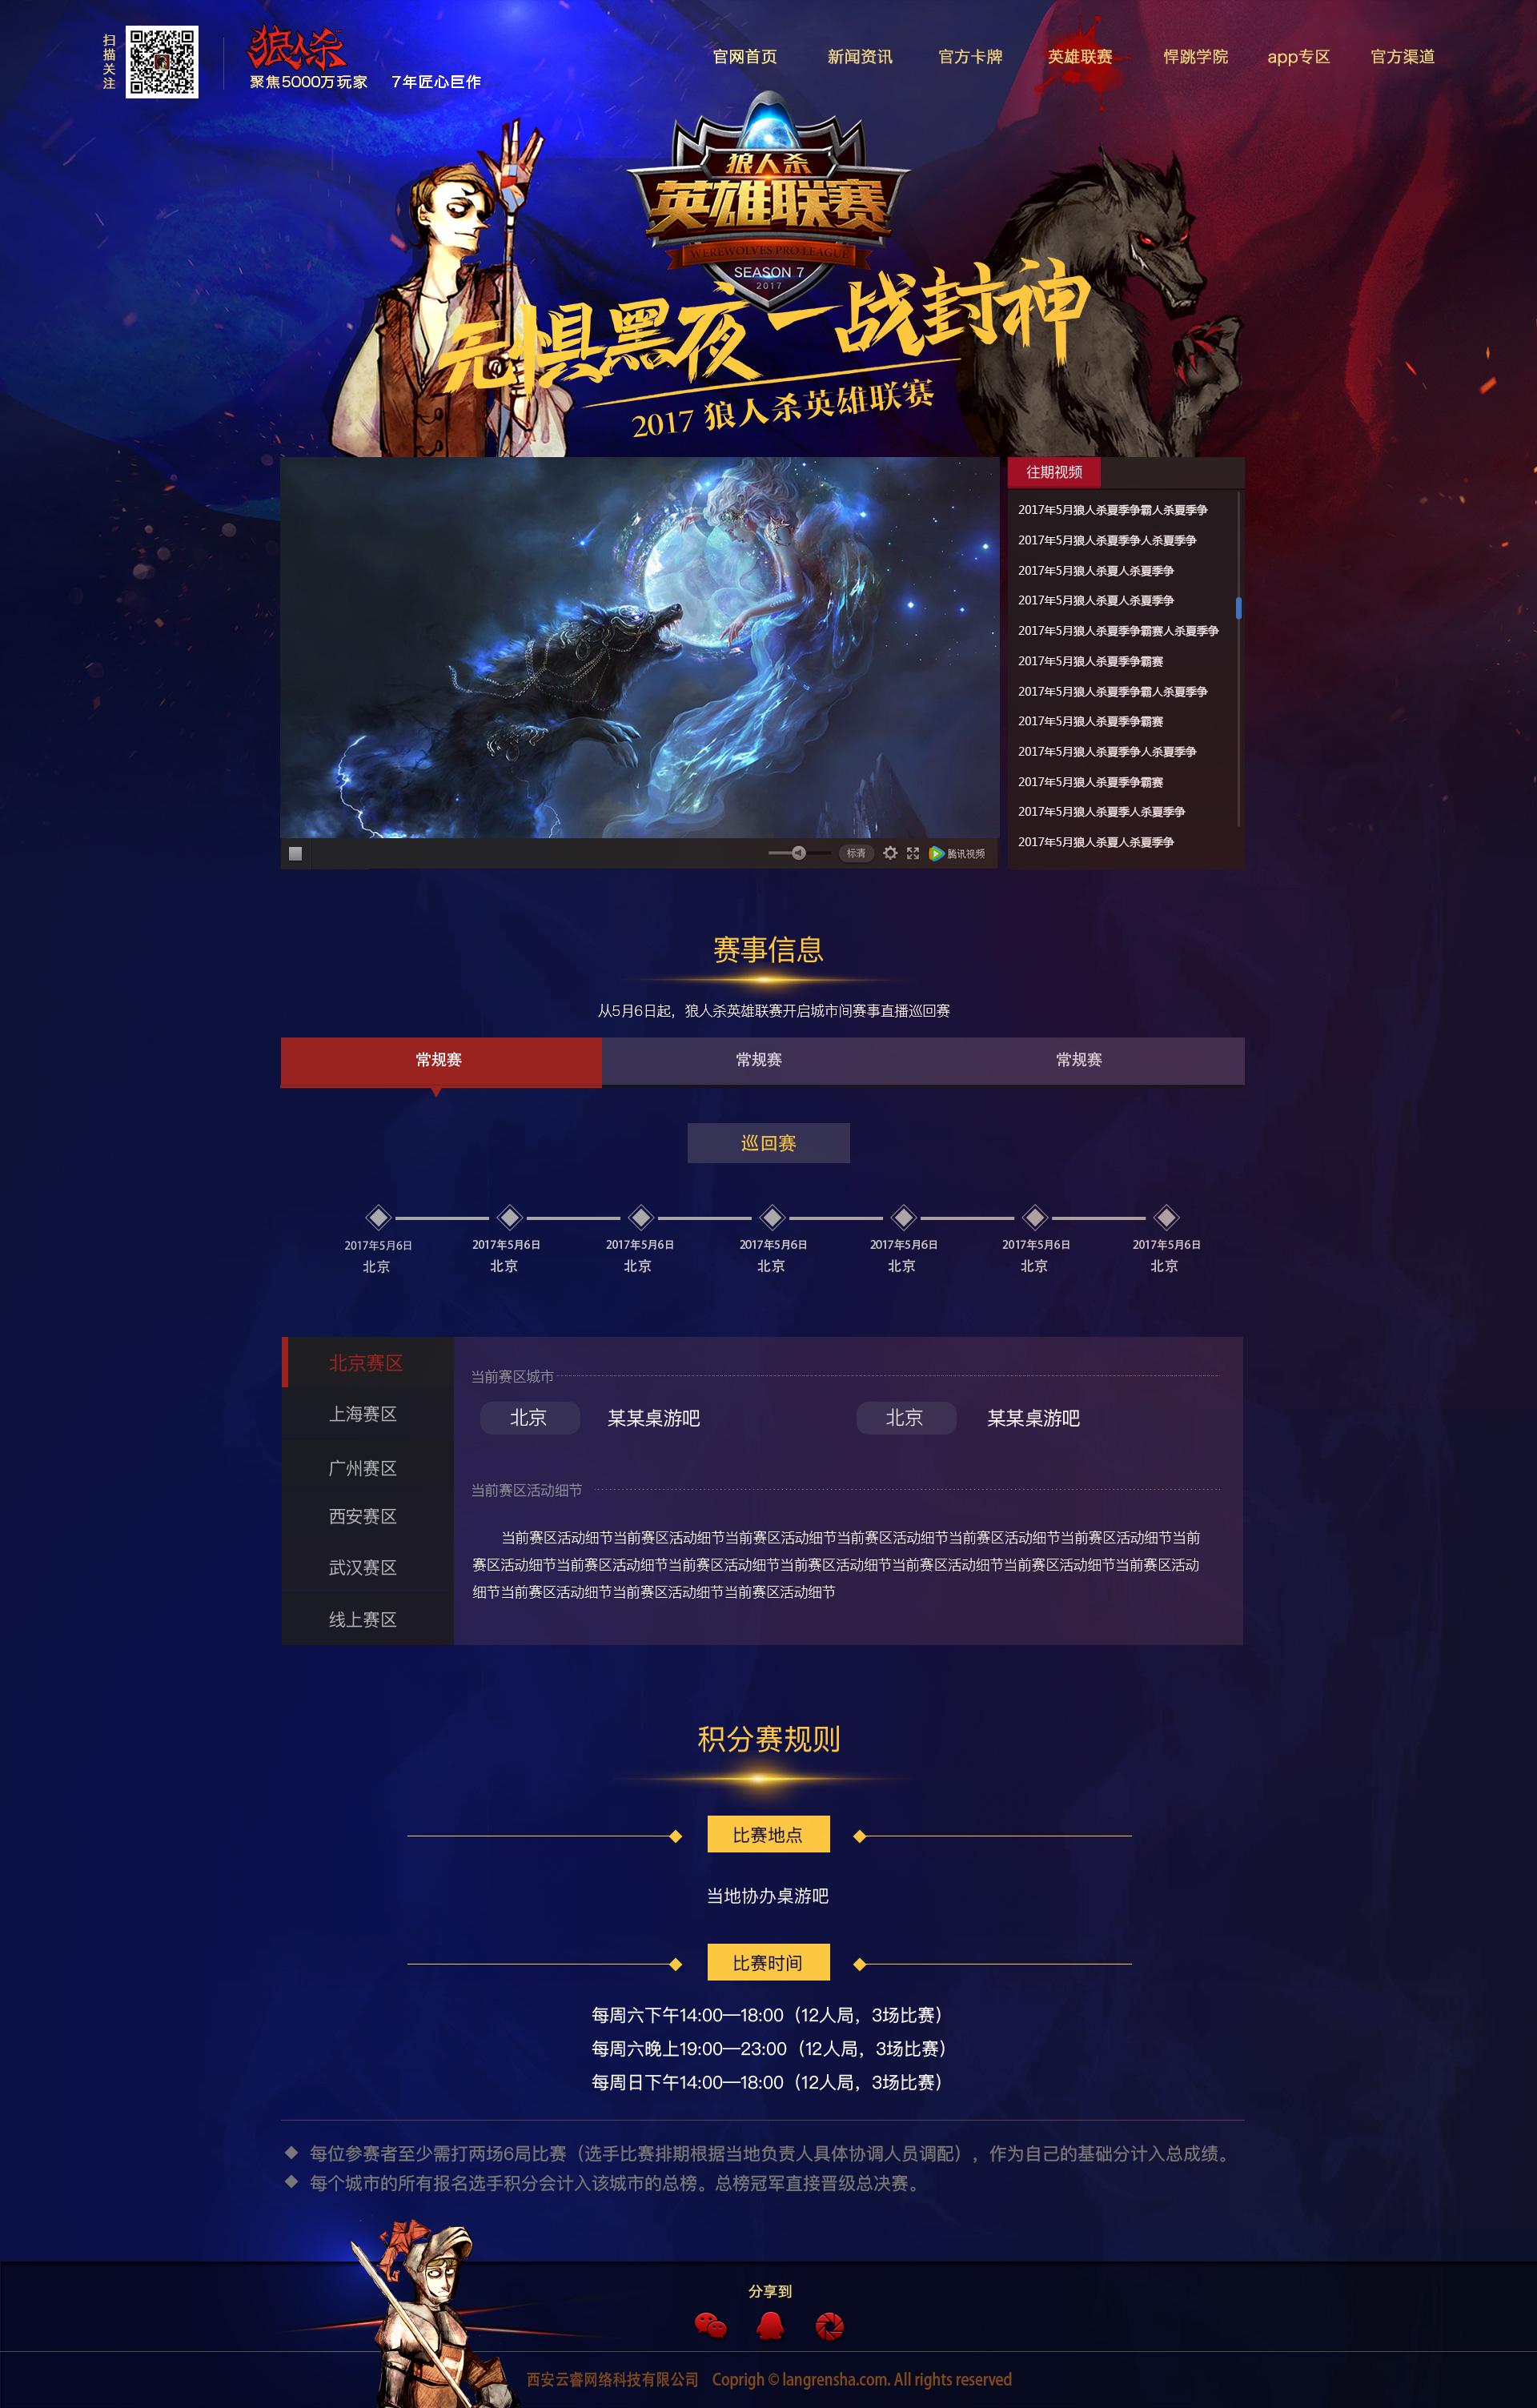 创意十足的狼人杀游戏网站首页设计欣赏